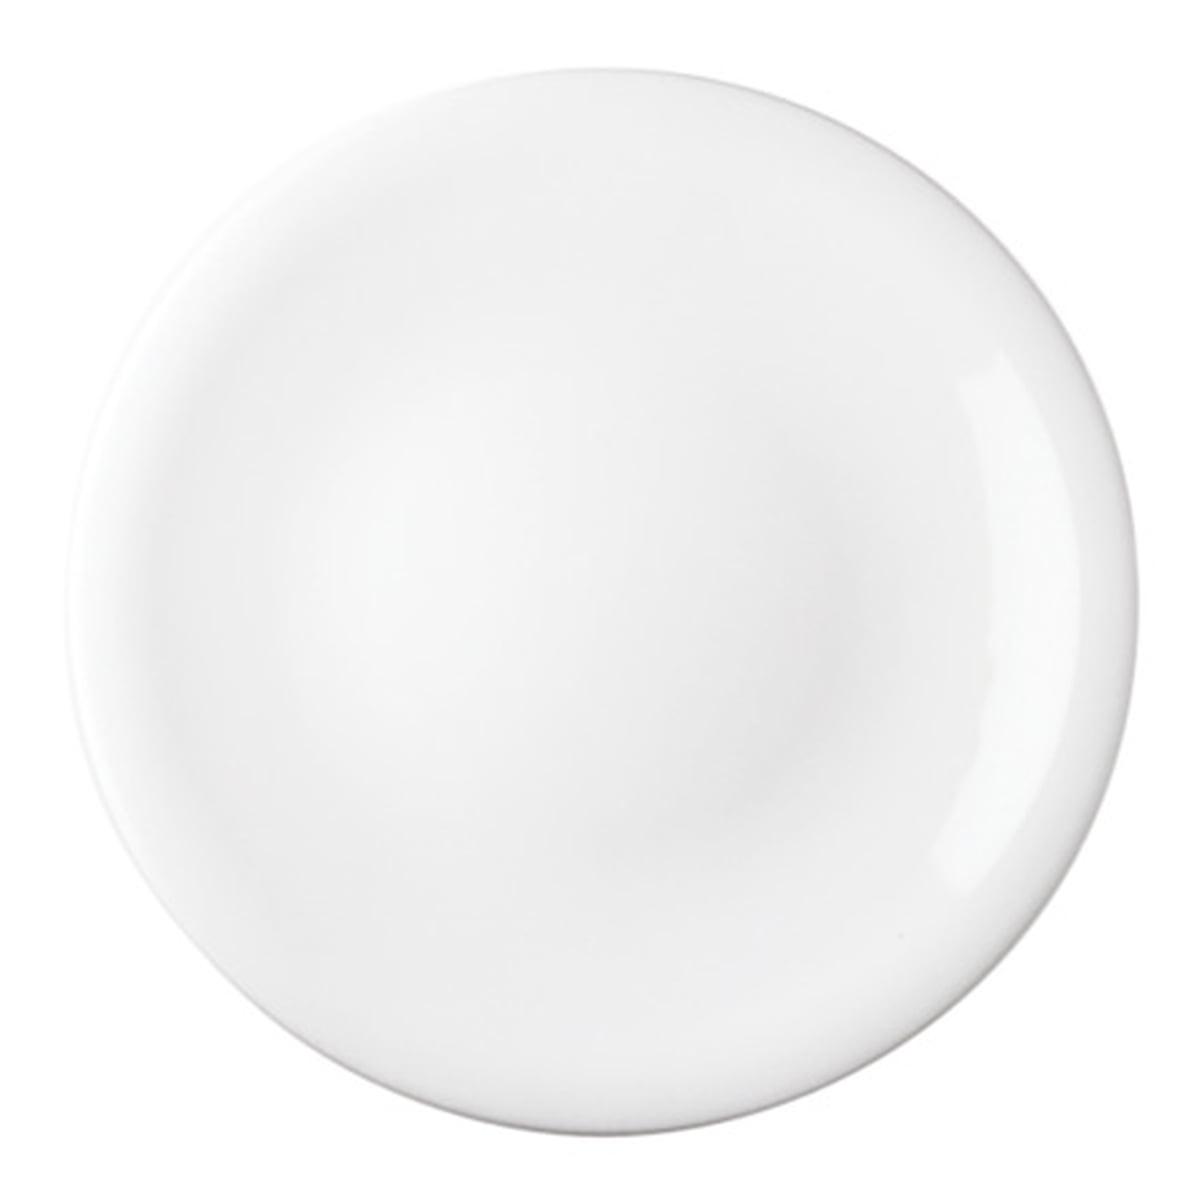 KAHLA - Update, Kuchenteller Ø 21.5 cm, weiß